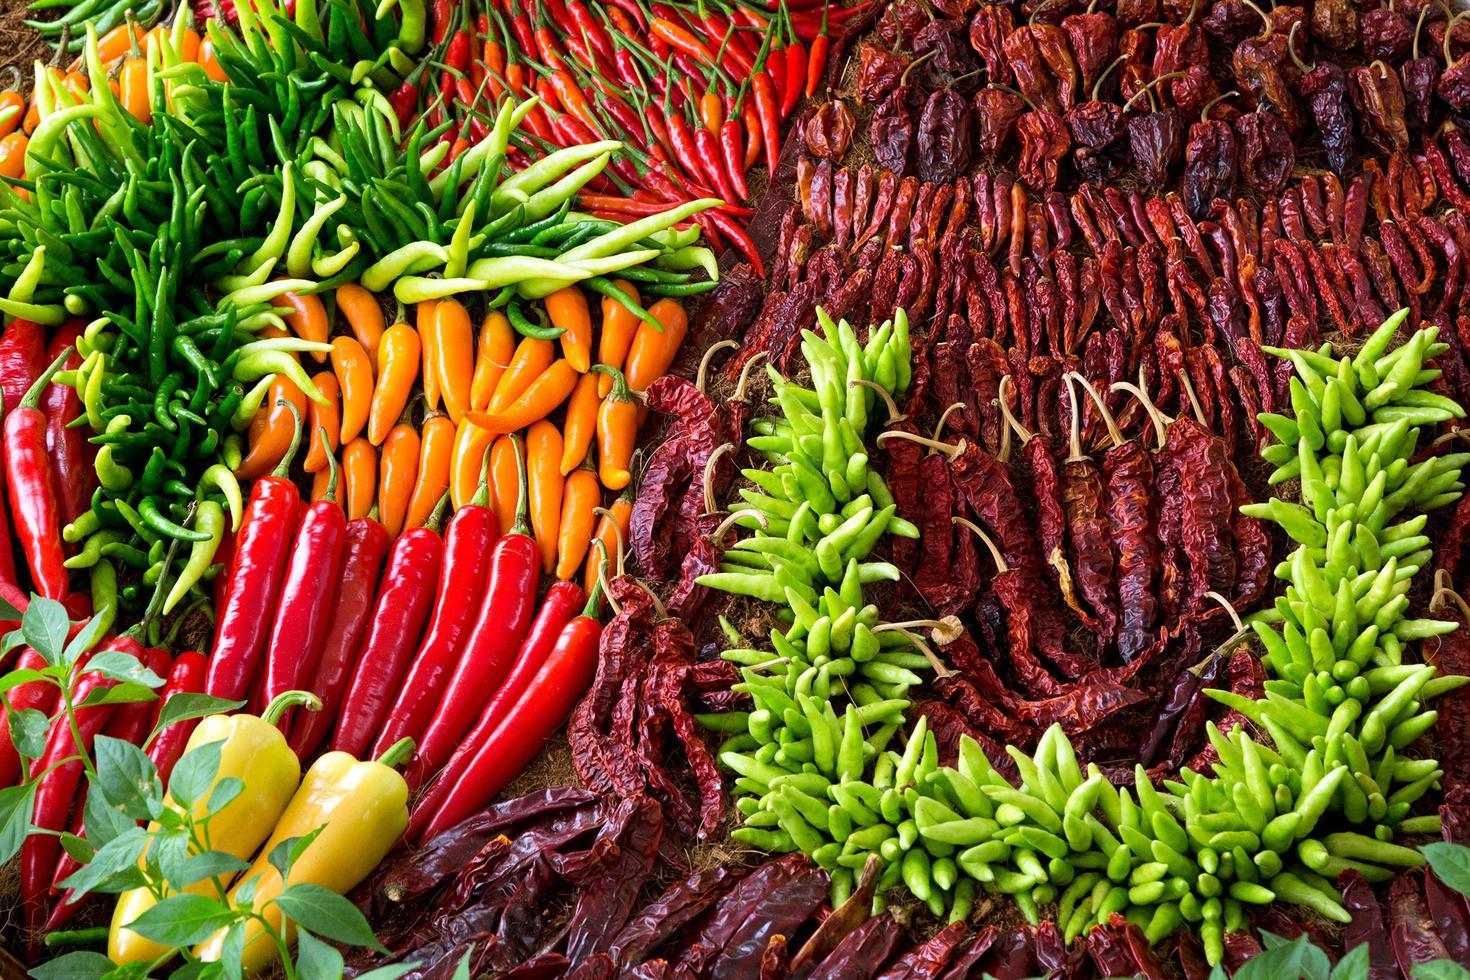 motifs colorés de poivrons pour la cuisine. photo